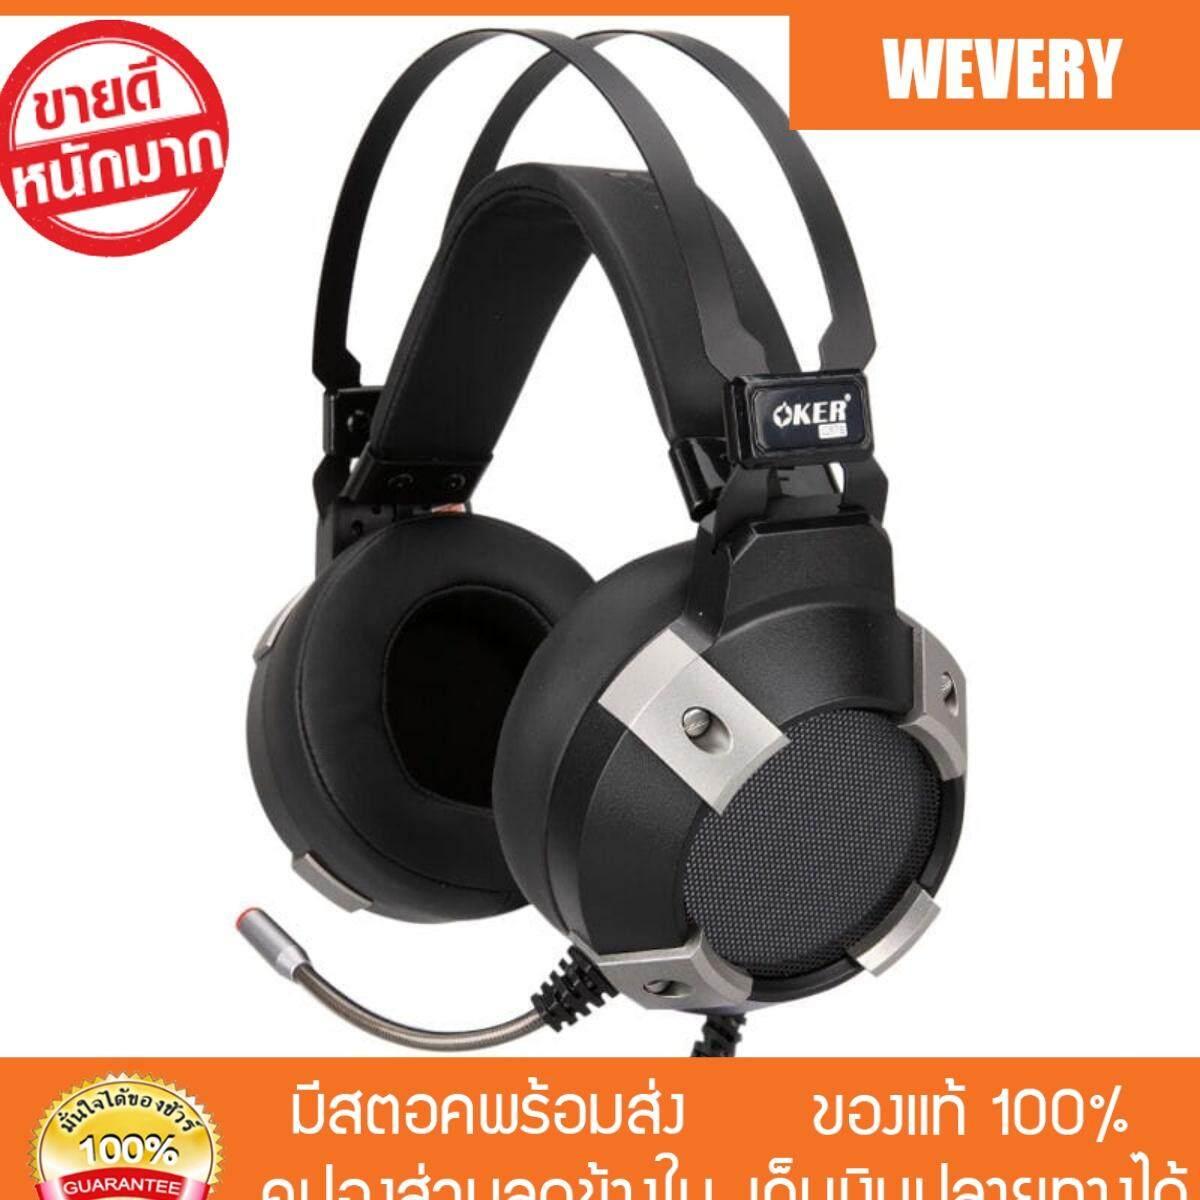 ลดสุดๆ [Wevery] HEADSET 7.1 GAMING OKER G978 สีดำเทา headphone gaming หูฟังเกมมิ่ง oker หูฟังครอบหู หูฟังสำหรับคอม หูฟังแบบครอบ ส่ง Kerry เก็บปลายทางได้